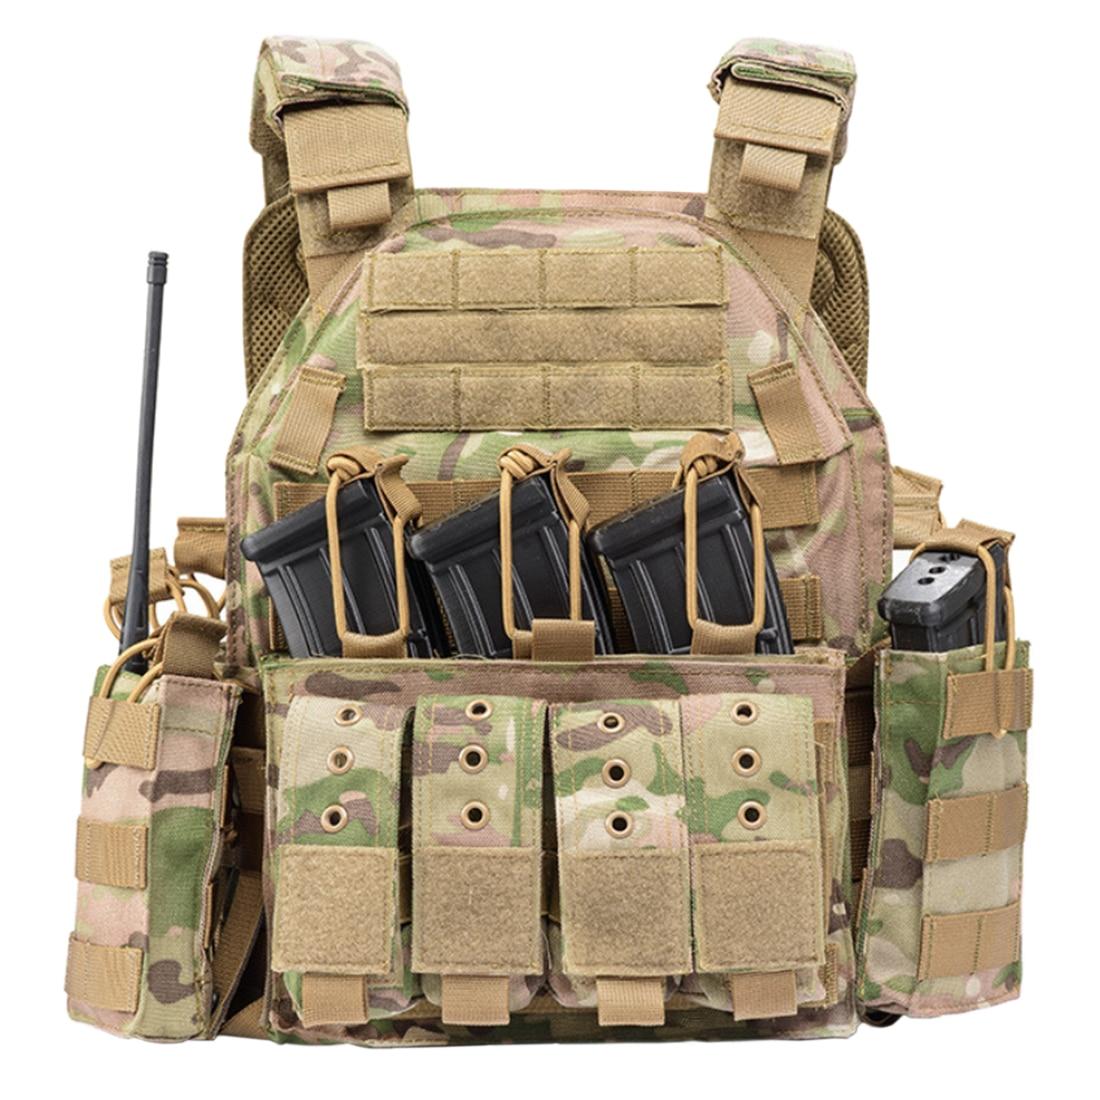 YAKEDA 1000D Nylon plaque transporteur tactique gilet extérieur chasse protecteur réglable gilet pour hommes Airsoft Combat accessoires